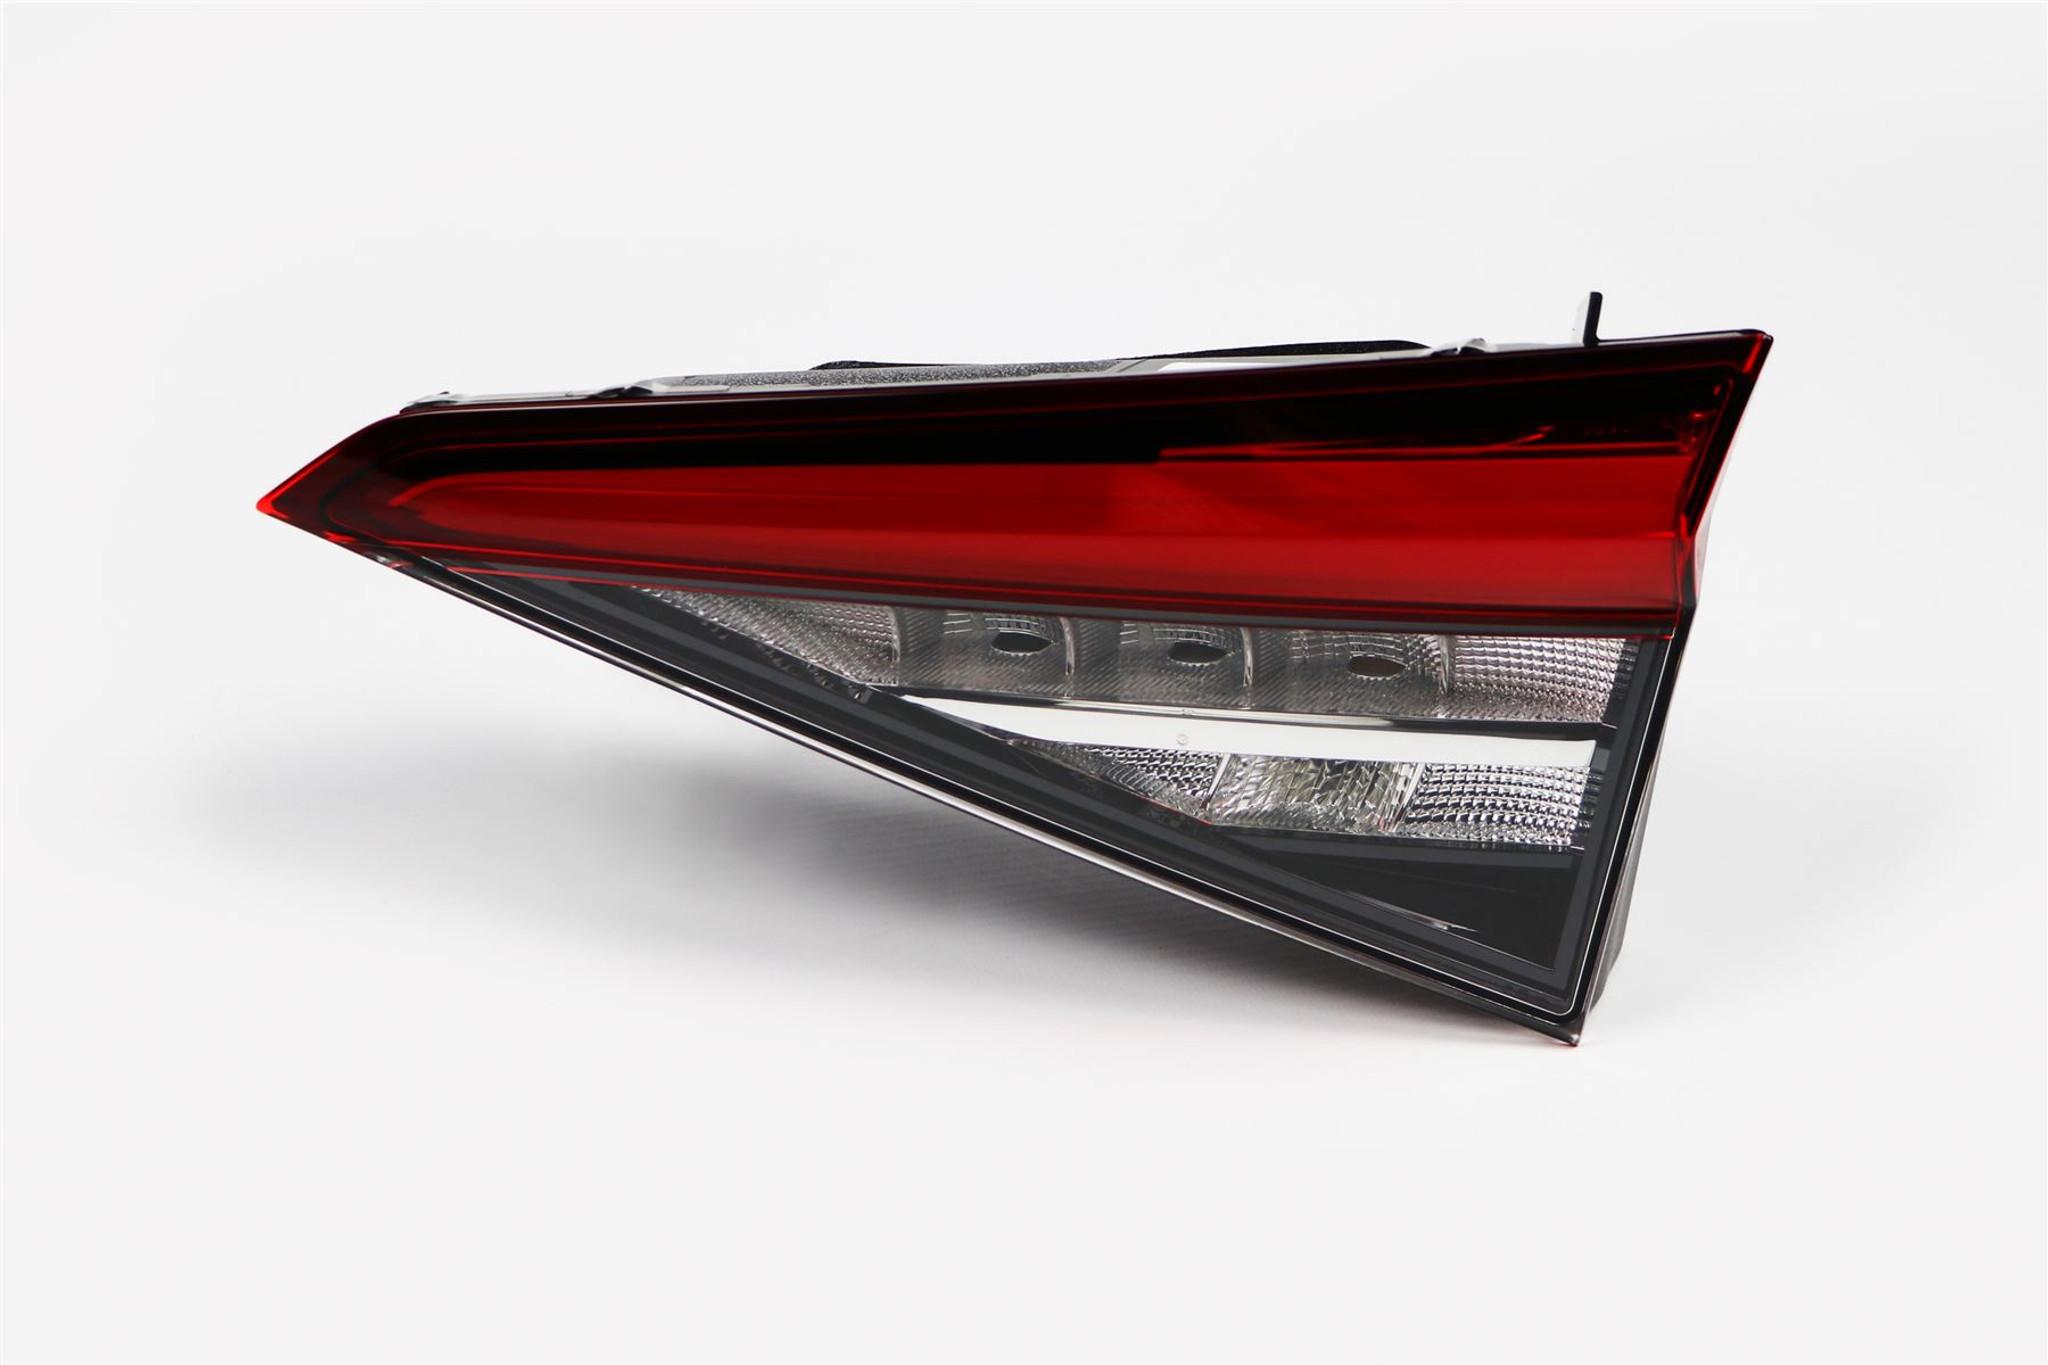 LED Inner Tail Light Rear Lamp VALEO Fits Right RENAULT Laguna Hatchback 2007